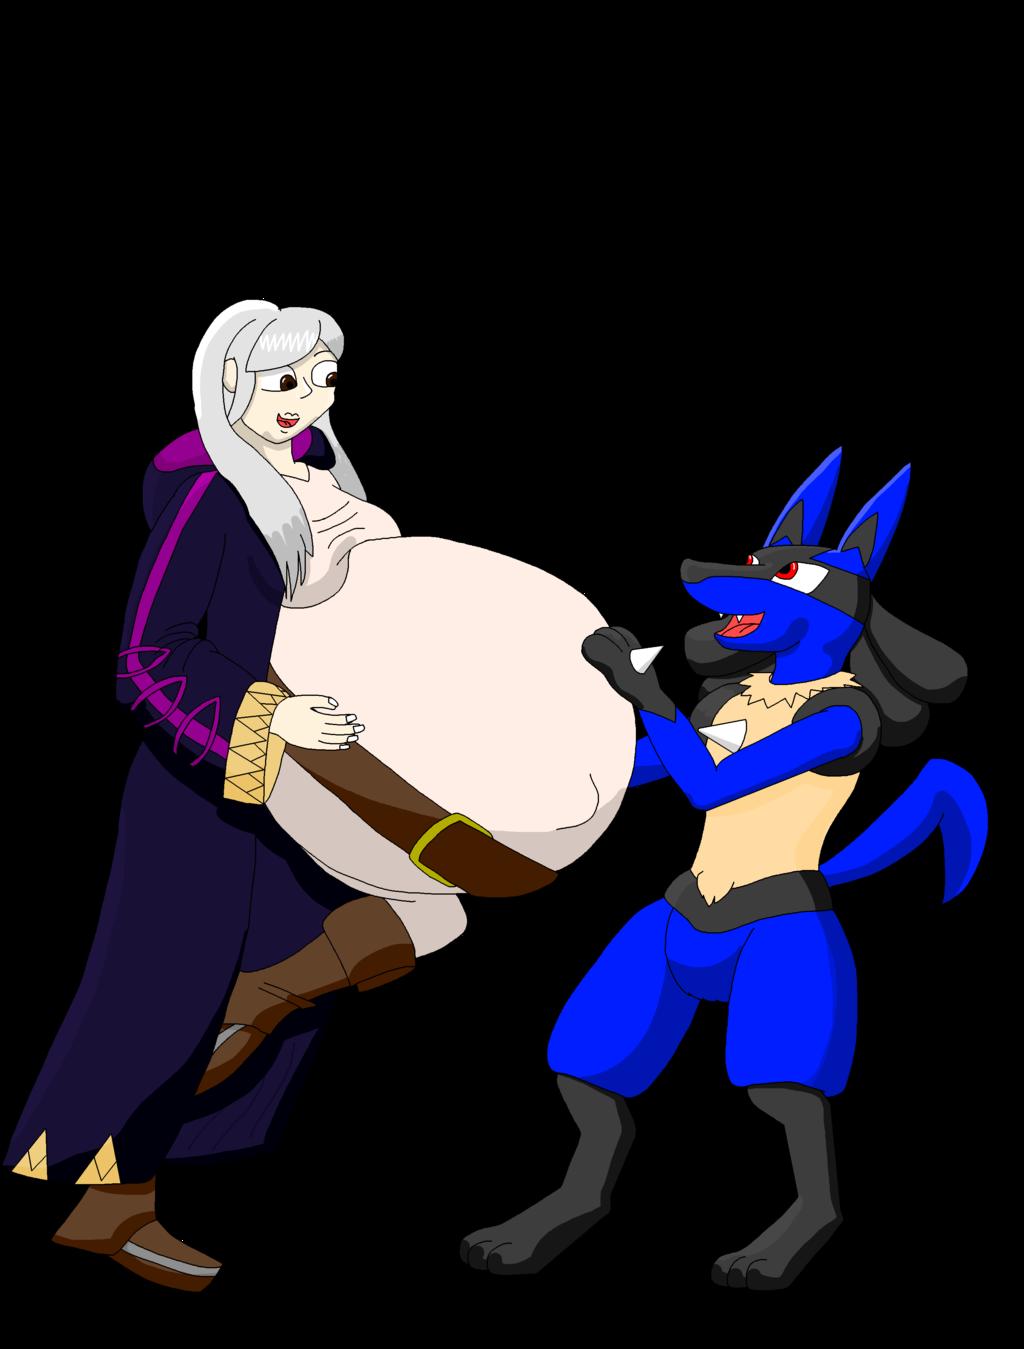 Robin and Lucario